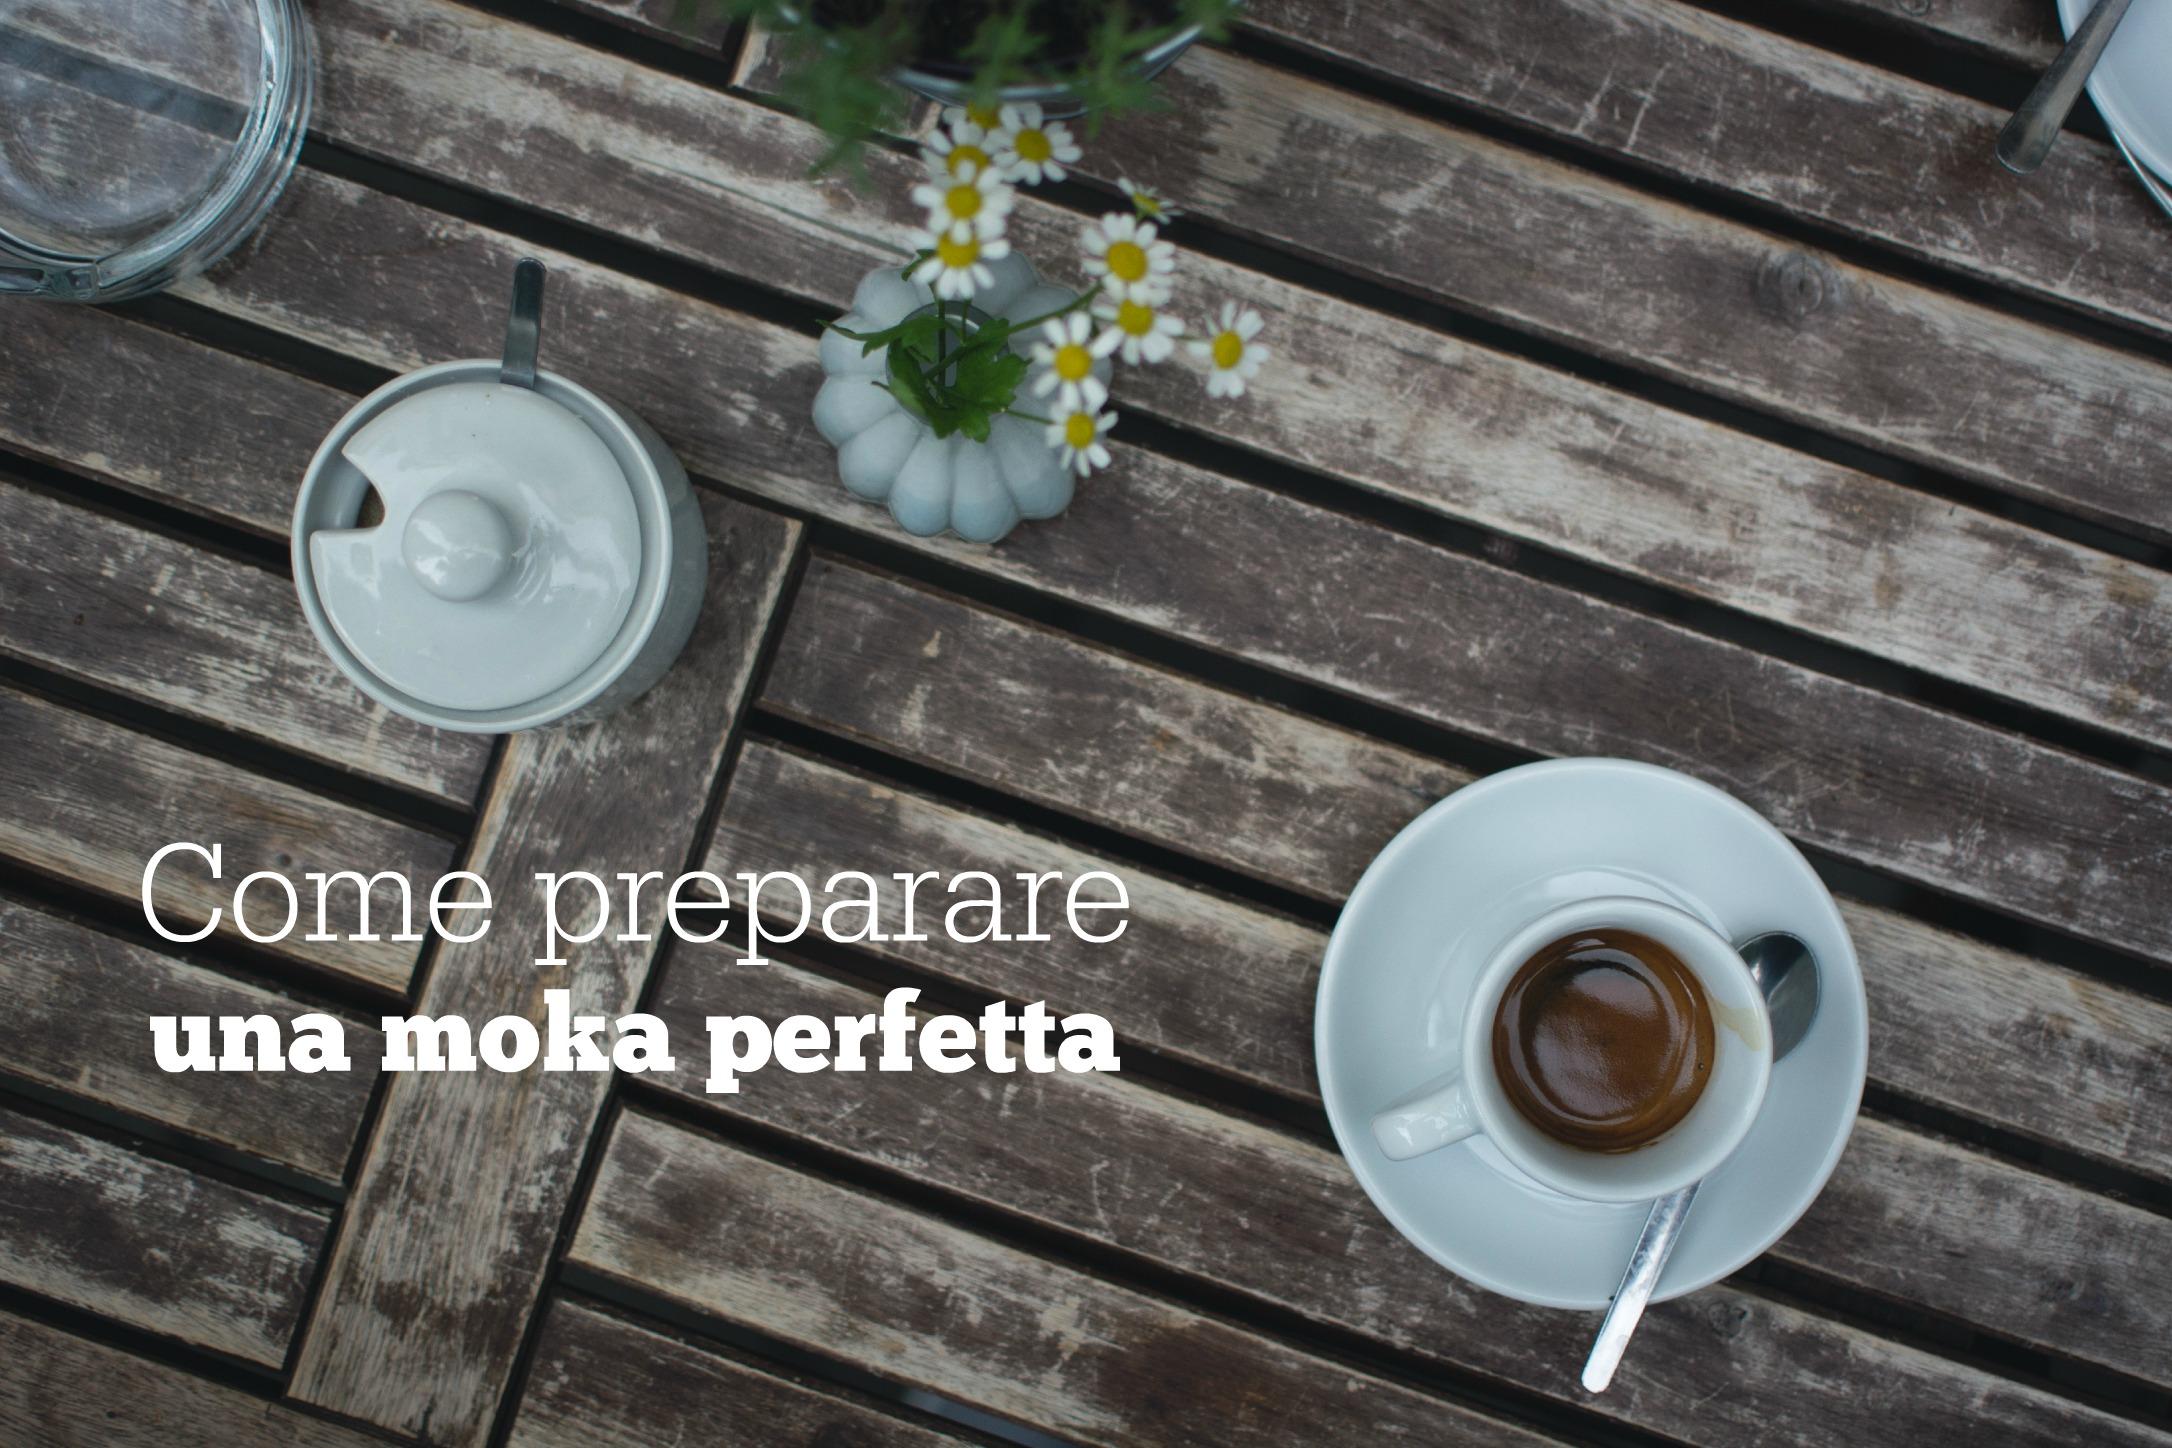 come-preparare-moka-perfetta